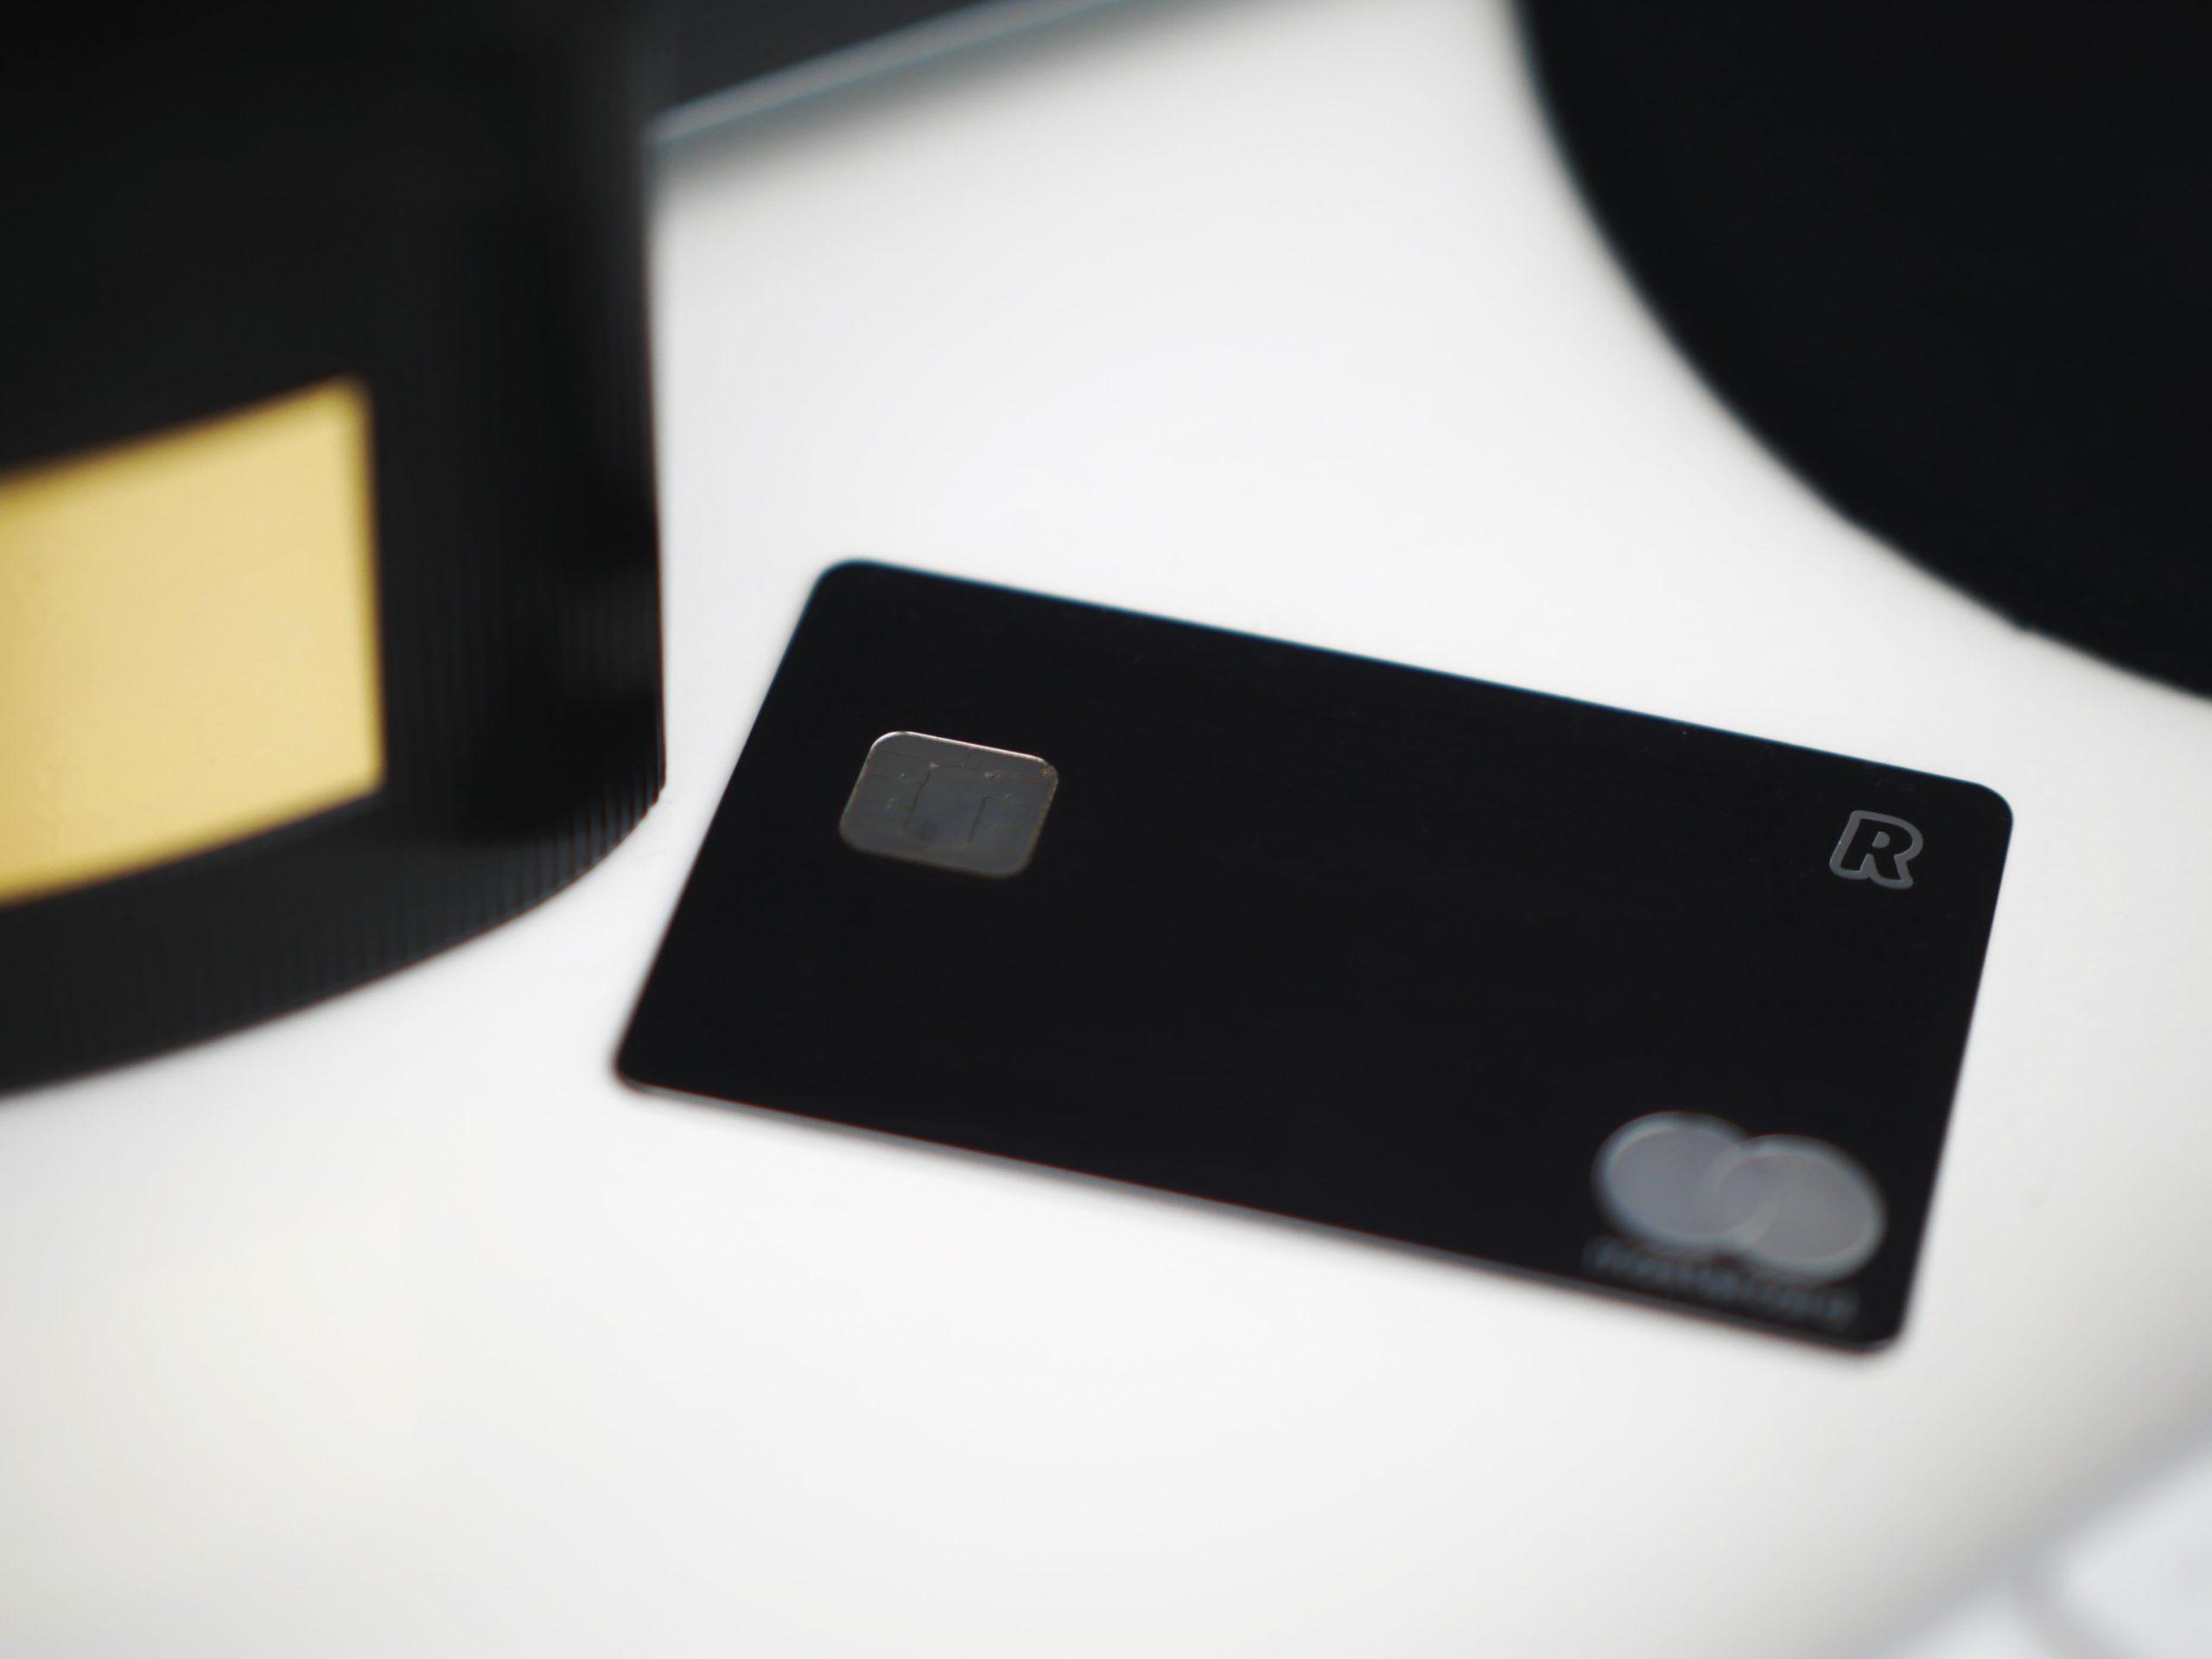 ポイント③:すでにイオンカードを持っている人は切り替えができない